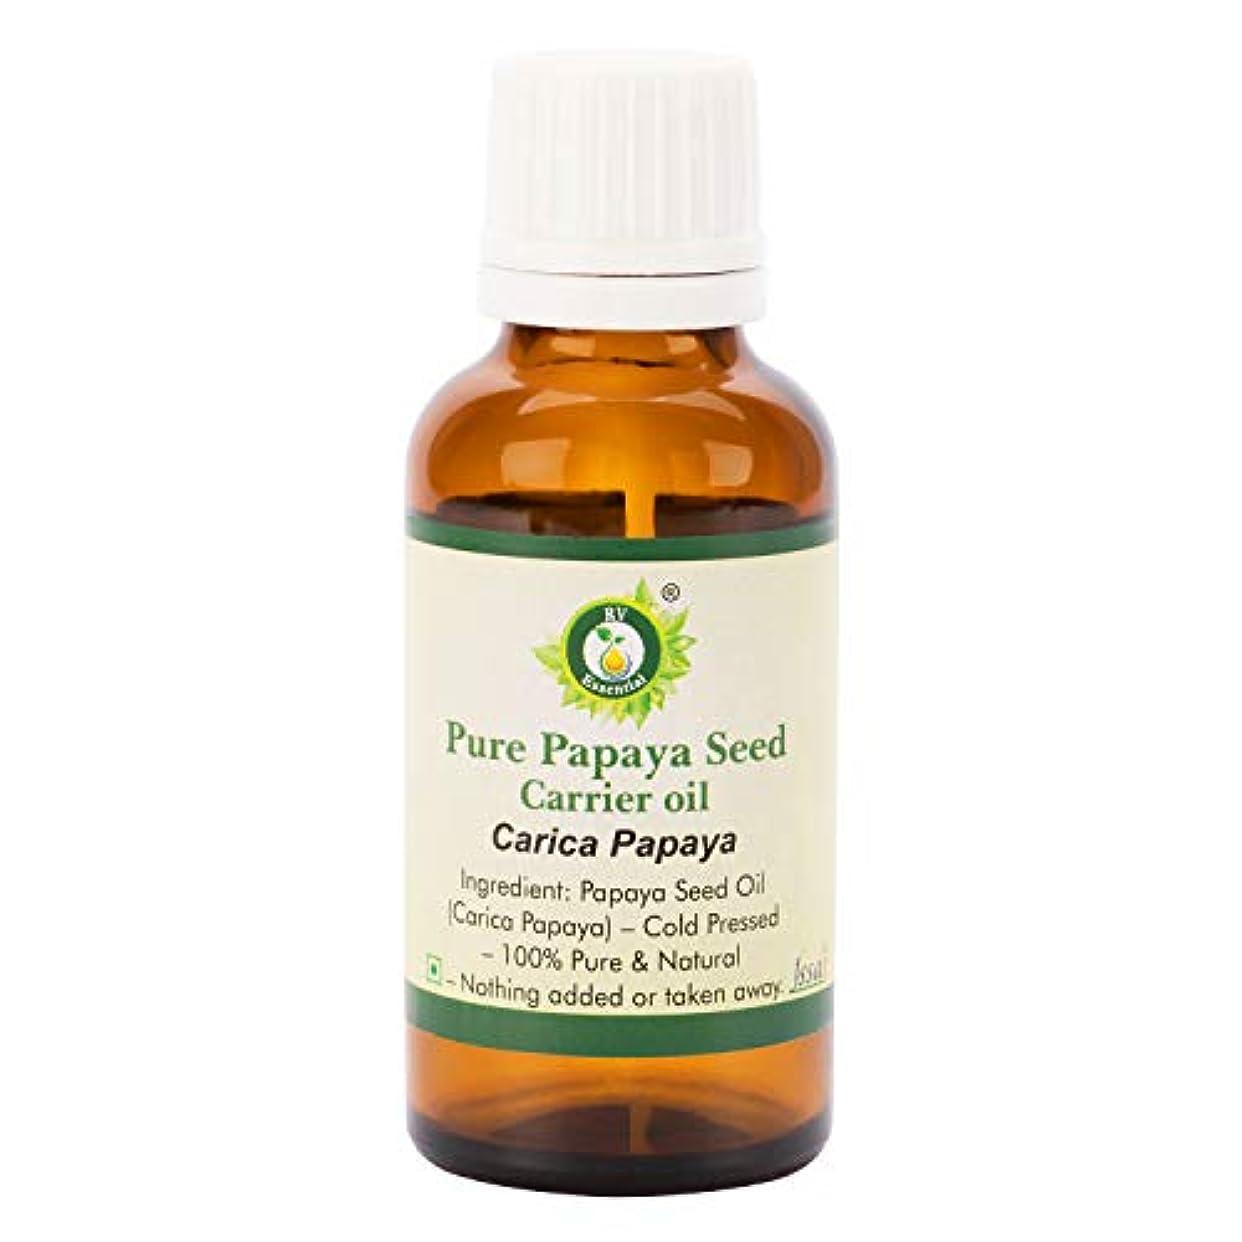 感覚晩ごはんトーク純粋なパパイヤ種子キャリアオイル15ml (0.507oz)- Carica Papaya (100%ピュア&ナチュラルコールドPressed) Pure Papaya Seed Carrier Oil